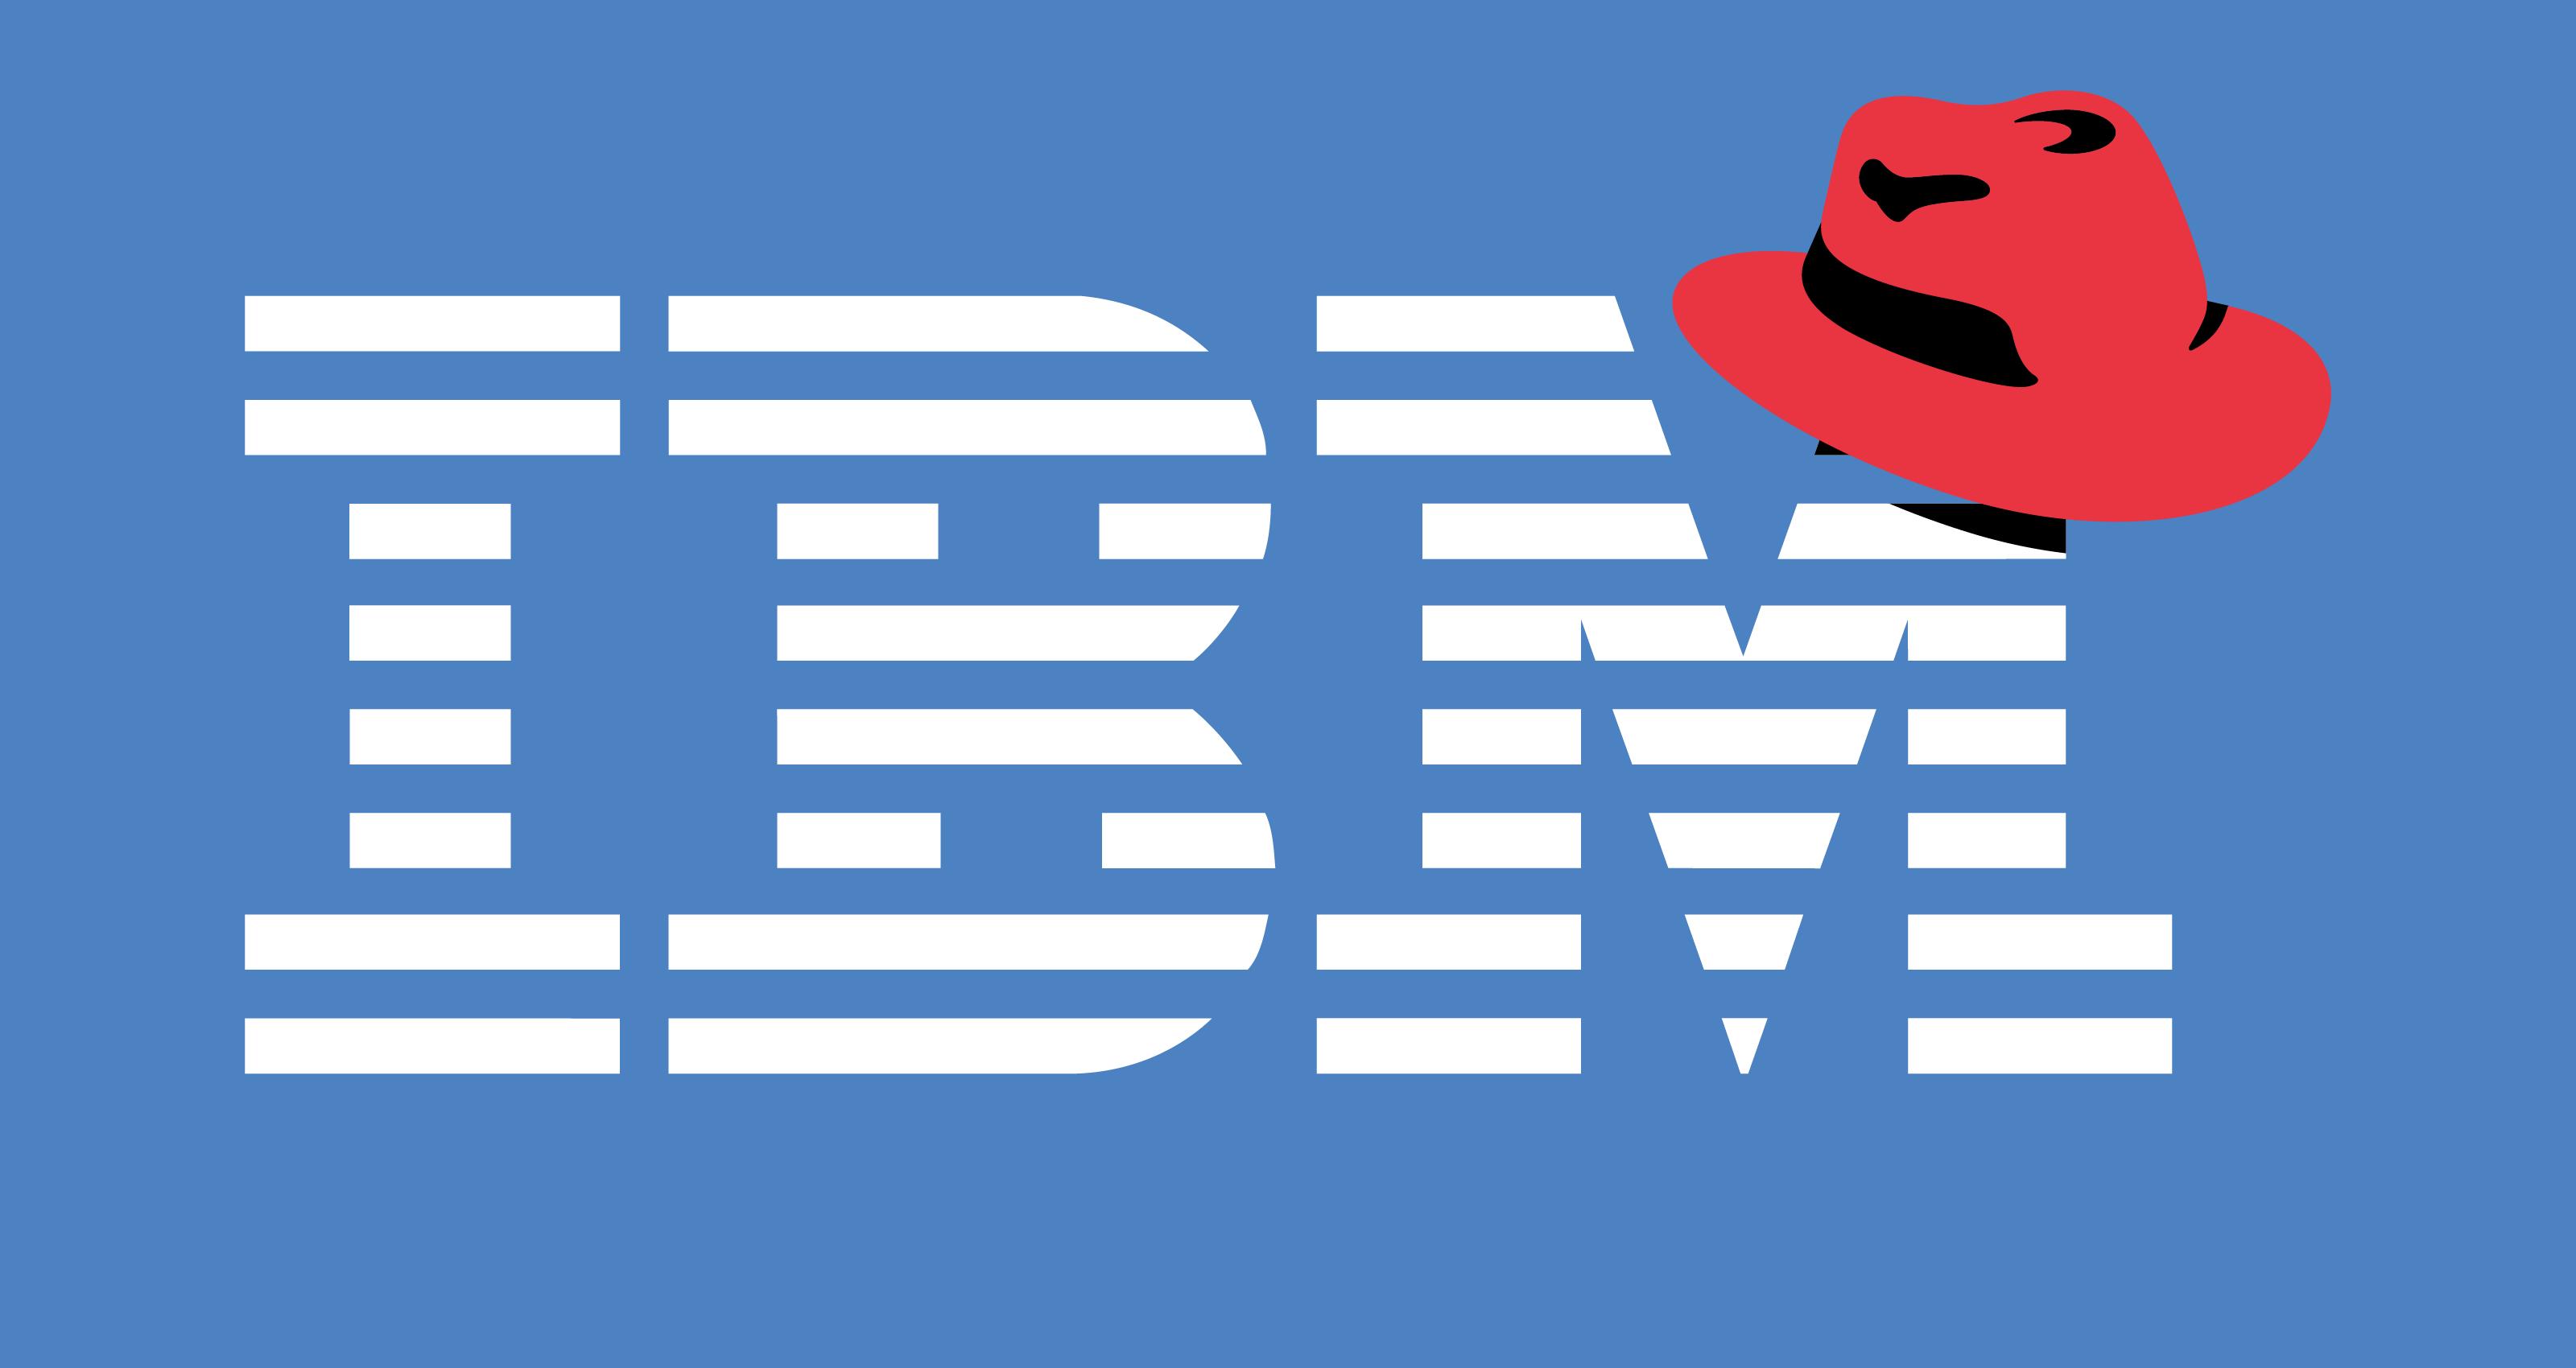 El Gigante Azul 'asalta' la nube y se pone el Sombrero Rojo